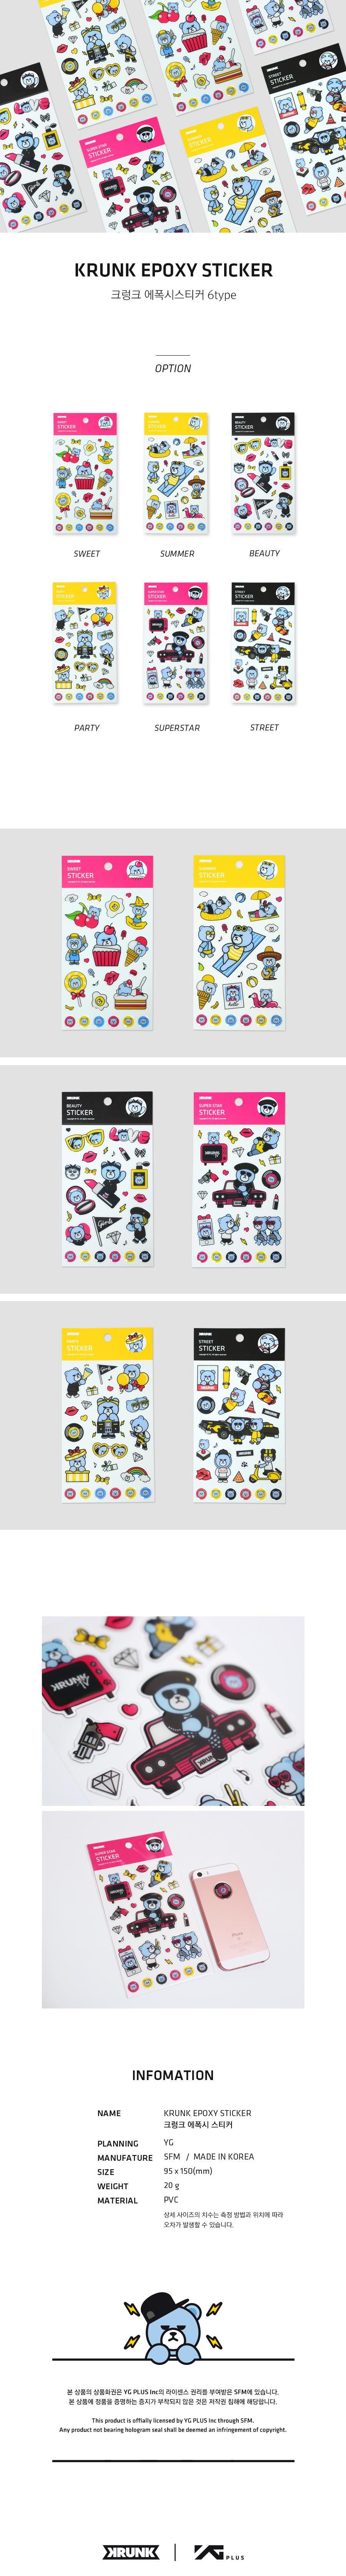 YG KRUNK 크렁크 에폭시 스티커 - 슈퍼8비트, 1,800원, 스티커, 캐릭터스티커